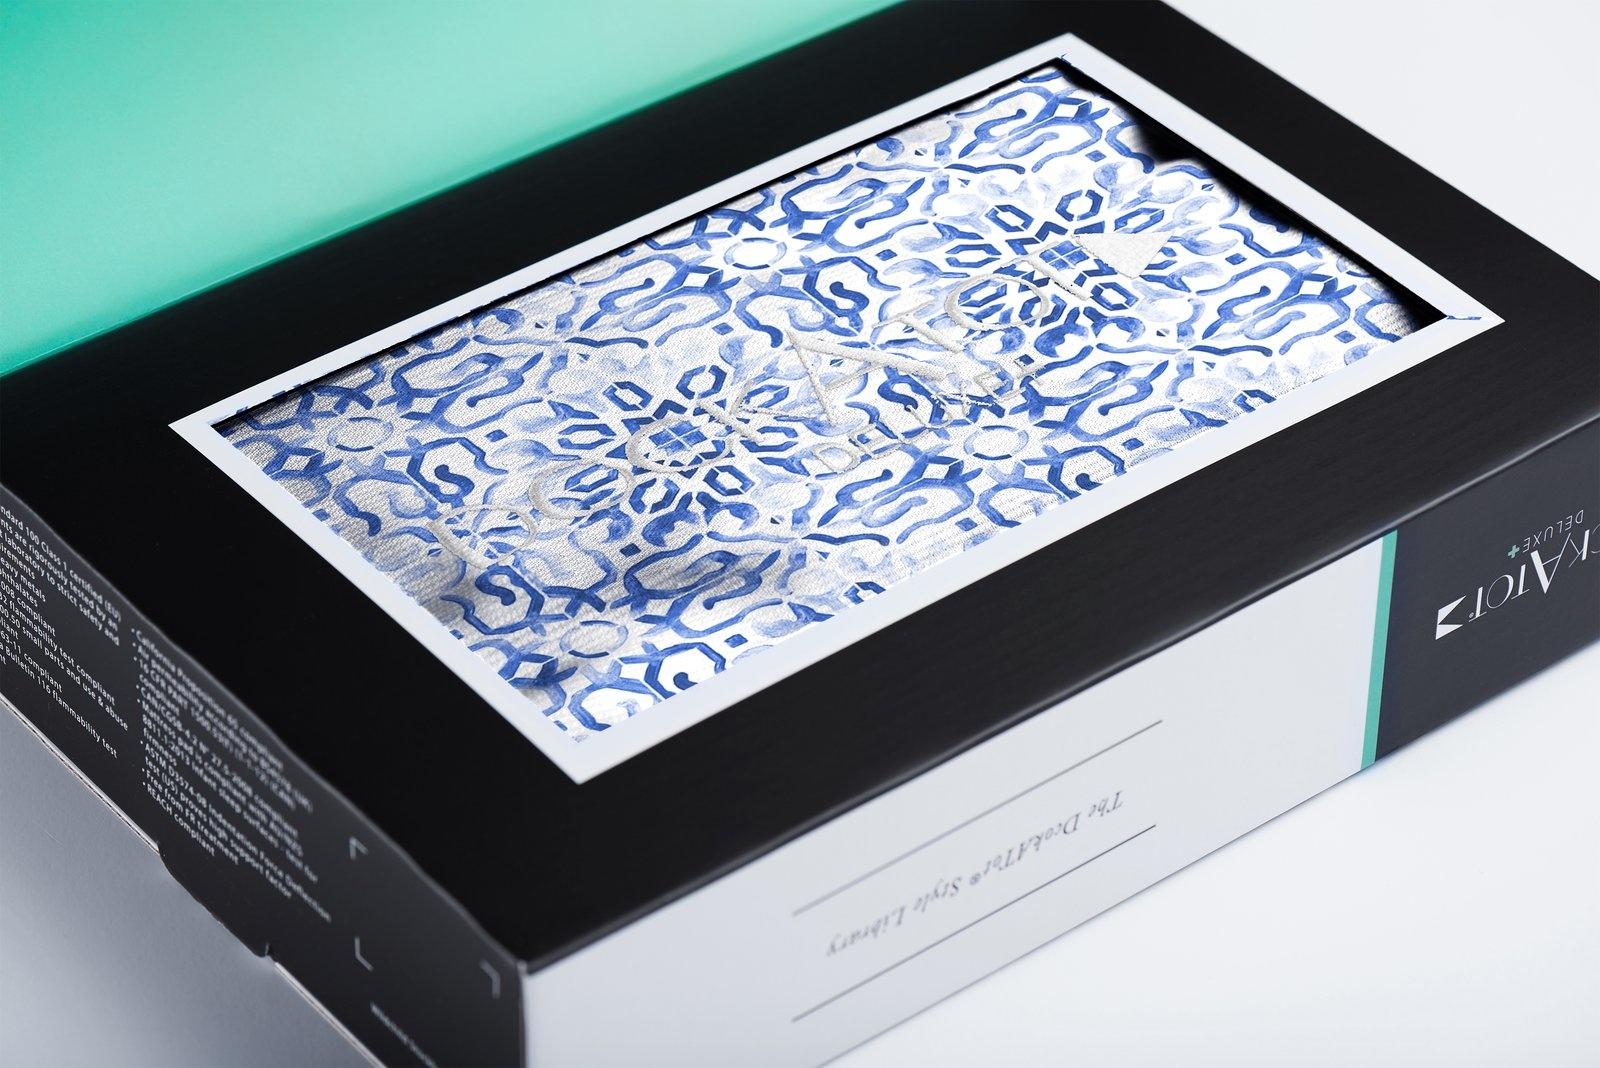 DockATot Deluxe+ Cover - Mediterranean Prints